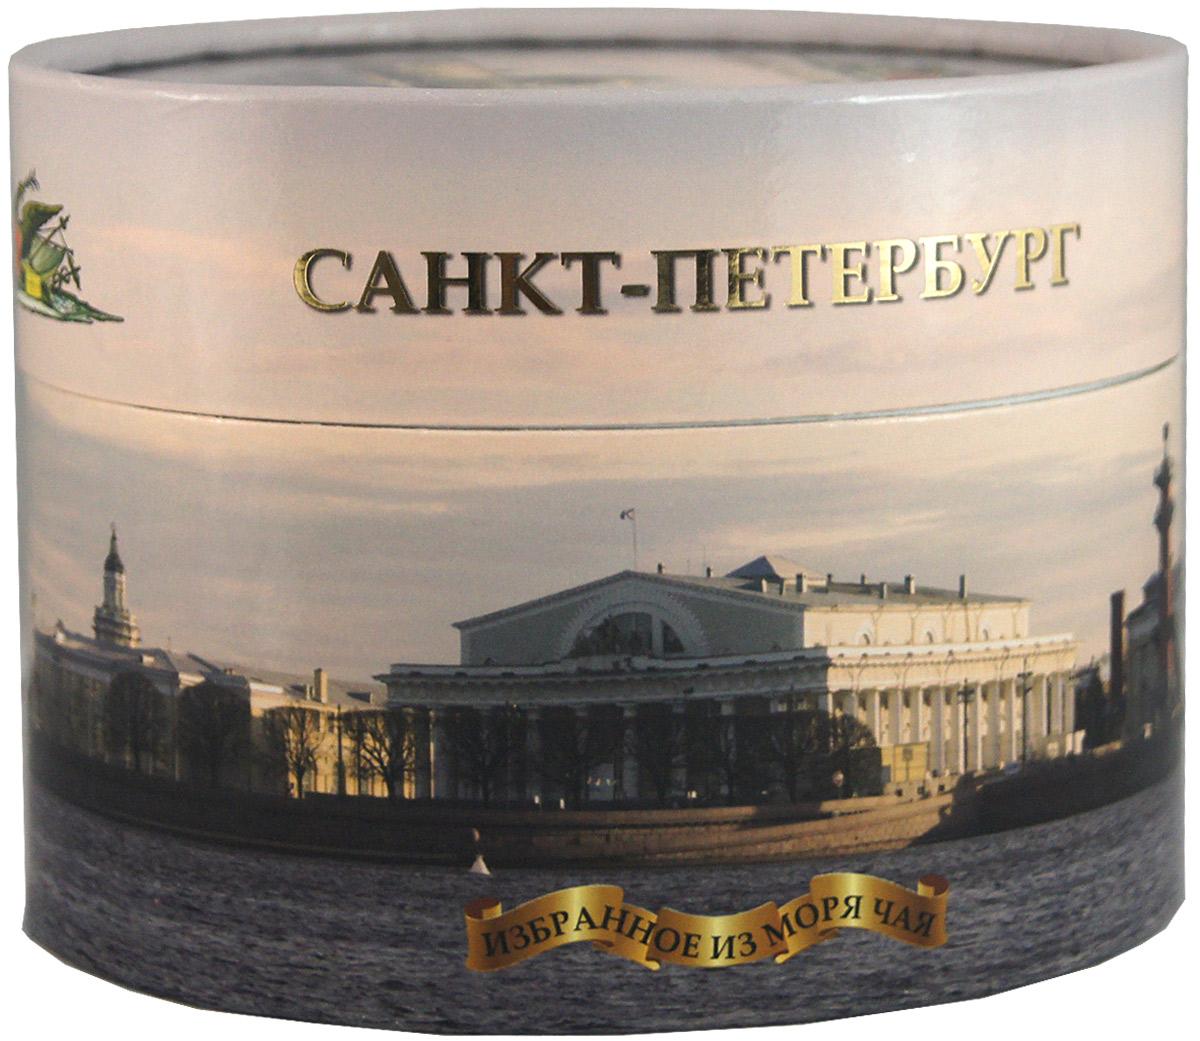 Избранное из моря чая Панорама Петербурга чай черный листовой, 75 г4791007010043Черный листовой чай Избранное из моря чая Мяч Зенит поставляется в овальной картонной коробке с видами Санкт-Петербурга.Чай стандарта ОРА (крупный лист). Листья для этого чая собирают с кустов после того, как почки полностью раскрываются. В сухой заварке листья должны быть крупными (от 8 до 15 мм) и однородными. Этот сорт практически не содержит типсов, но имеет высокое содержание ароматических масел, и поэтому настой чая очень ароматен. Также этот чай характерен вкусом с горчинкой благодаря большому содержанию дубильных веществ.Знак в виде Льва с 17 пятнышками на шкуре - это гарантия Бюро Цейлонского Чая на соответствие чая высокому стандарту качества, установленному Правительством и упакованному только в пределах Шри-Ланки.